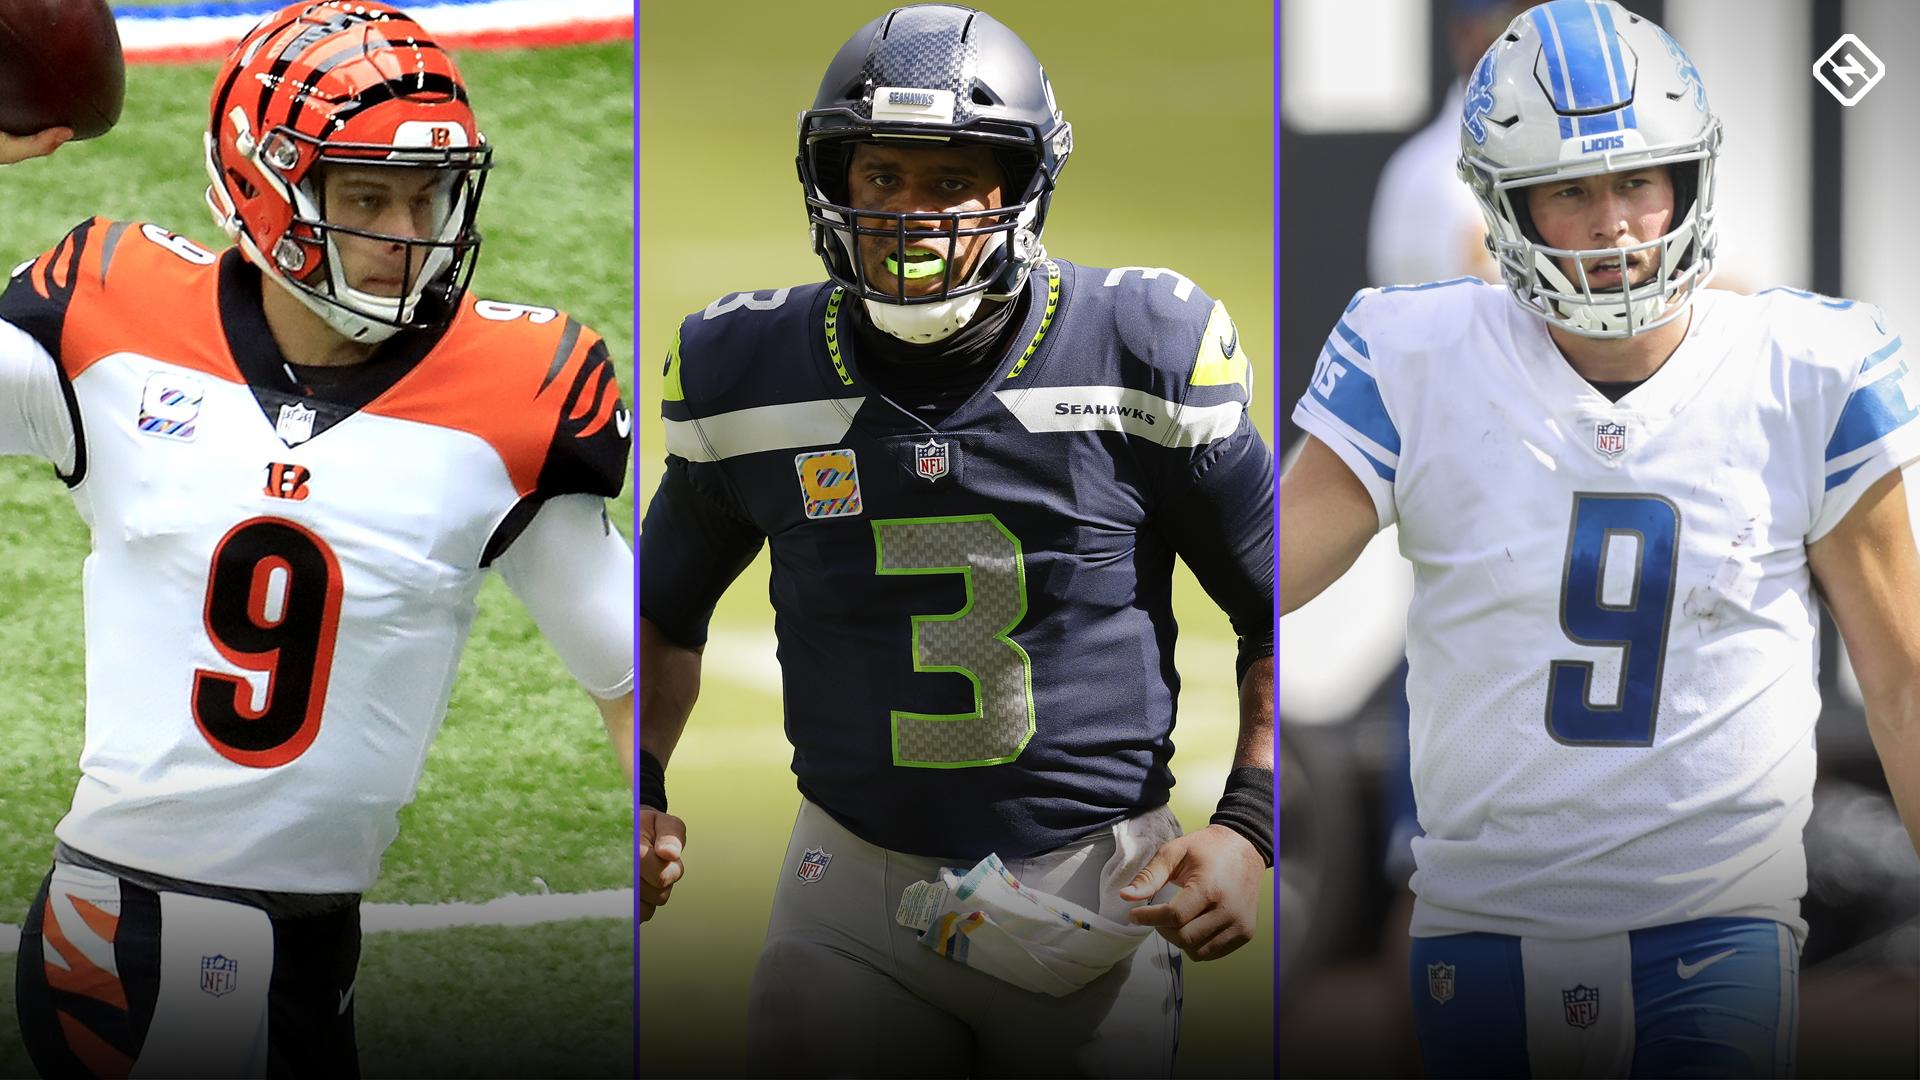 NFL Week 7 Betting Guide: Spread, moneyline, over/under picks